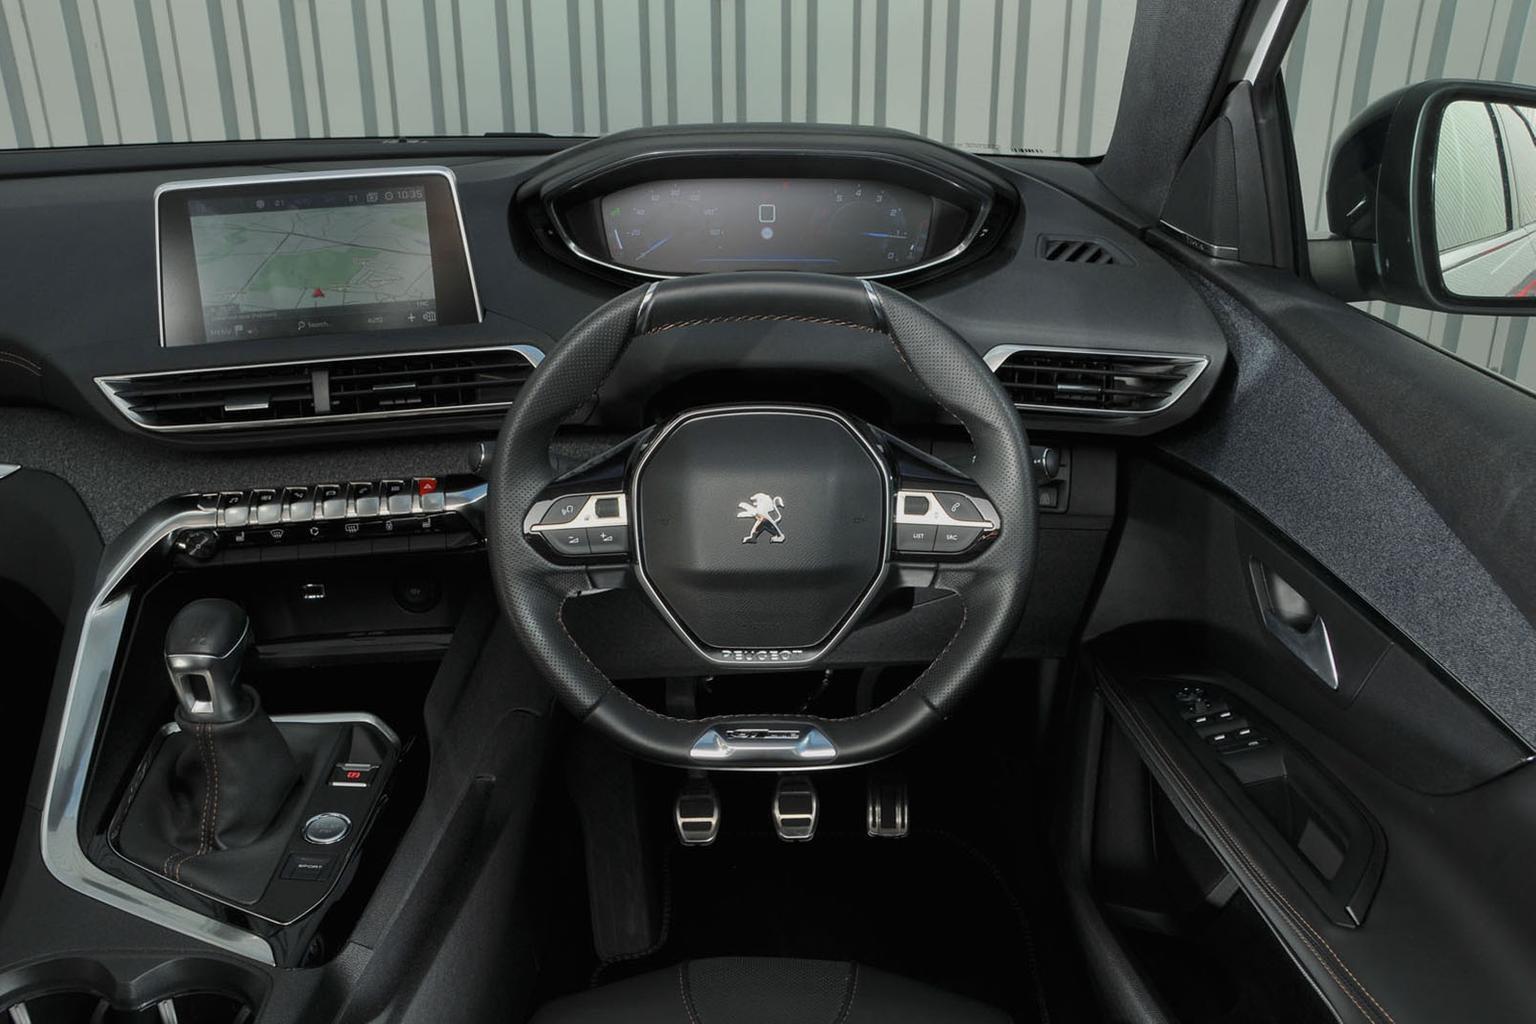 Peugeot 5008 1.2 Puretech 130 Allure - interior